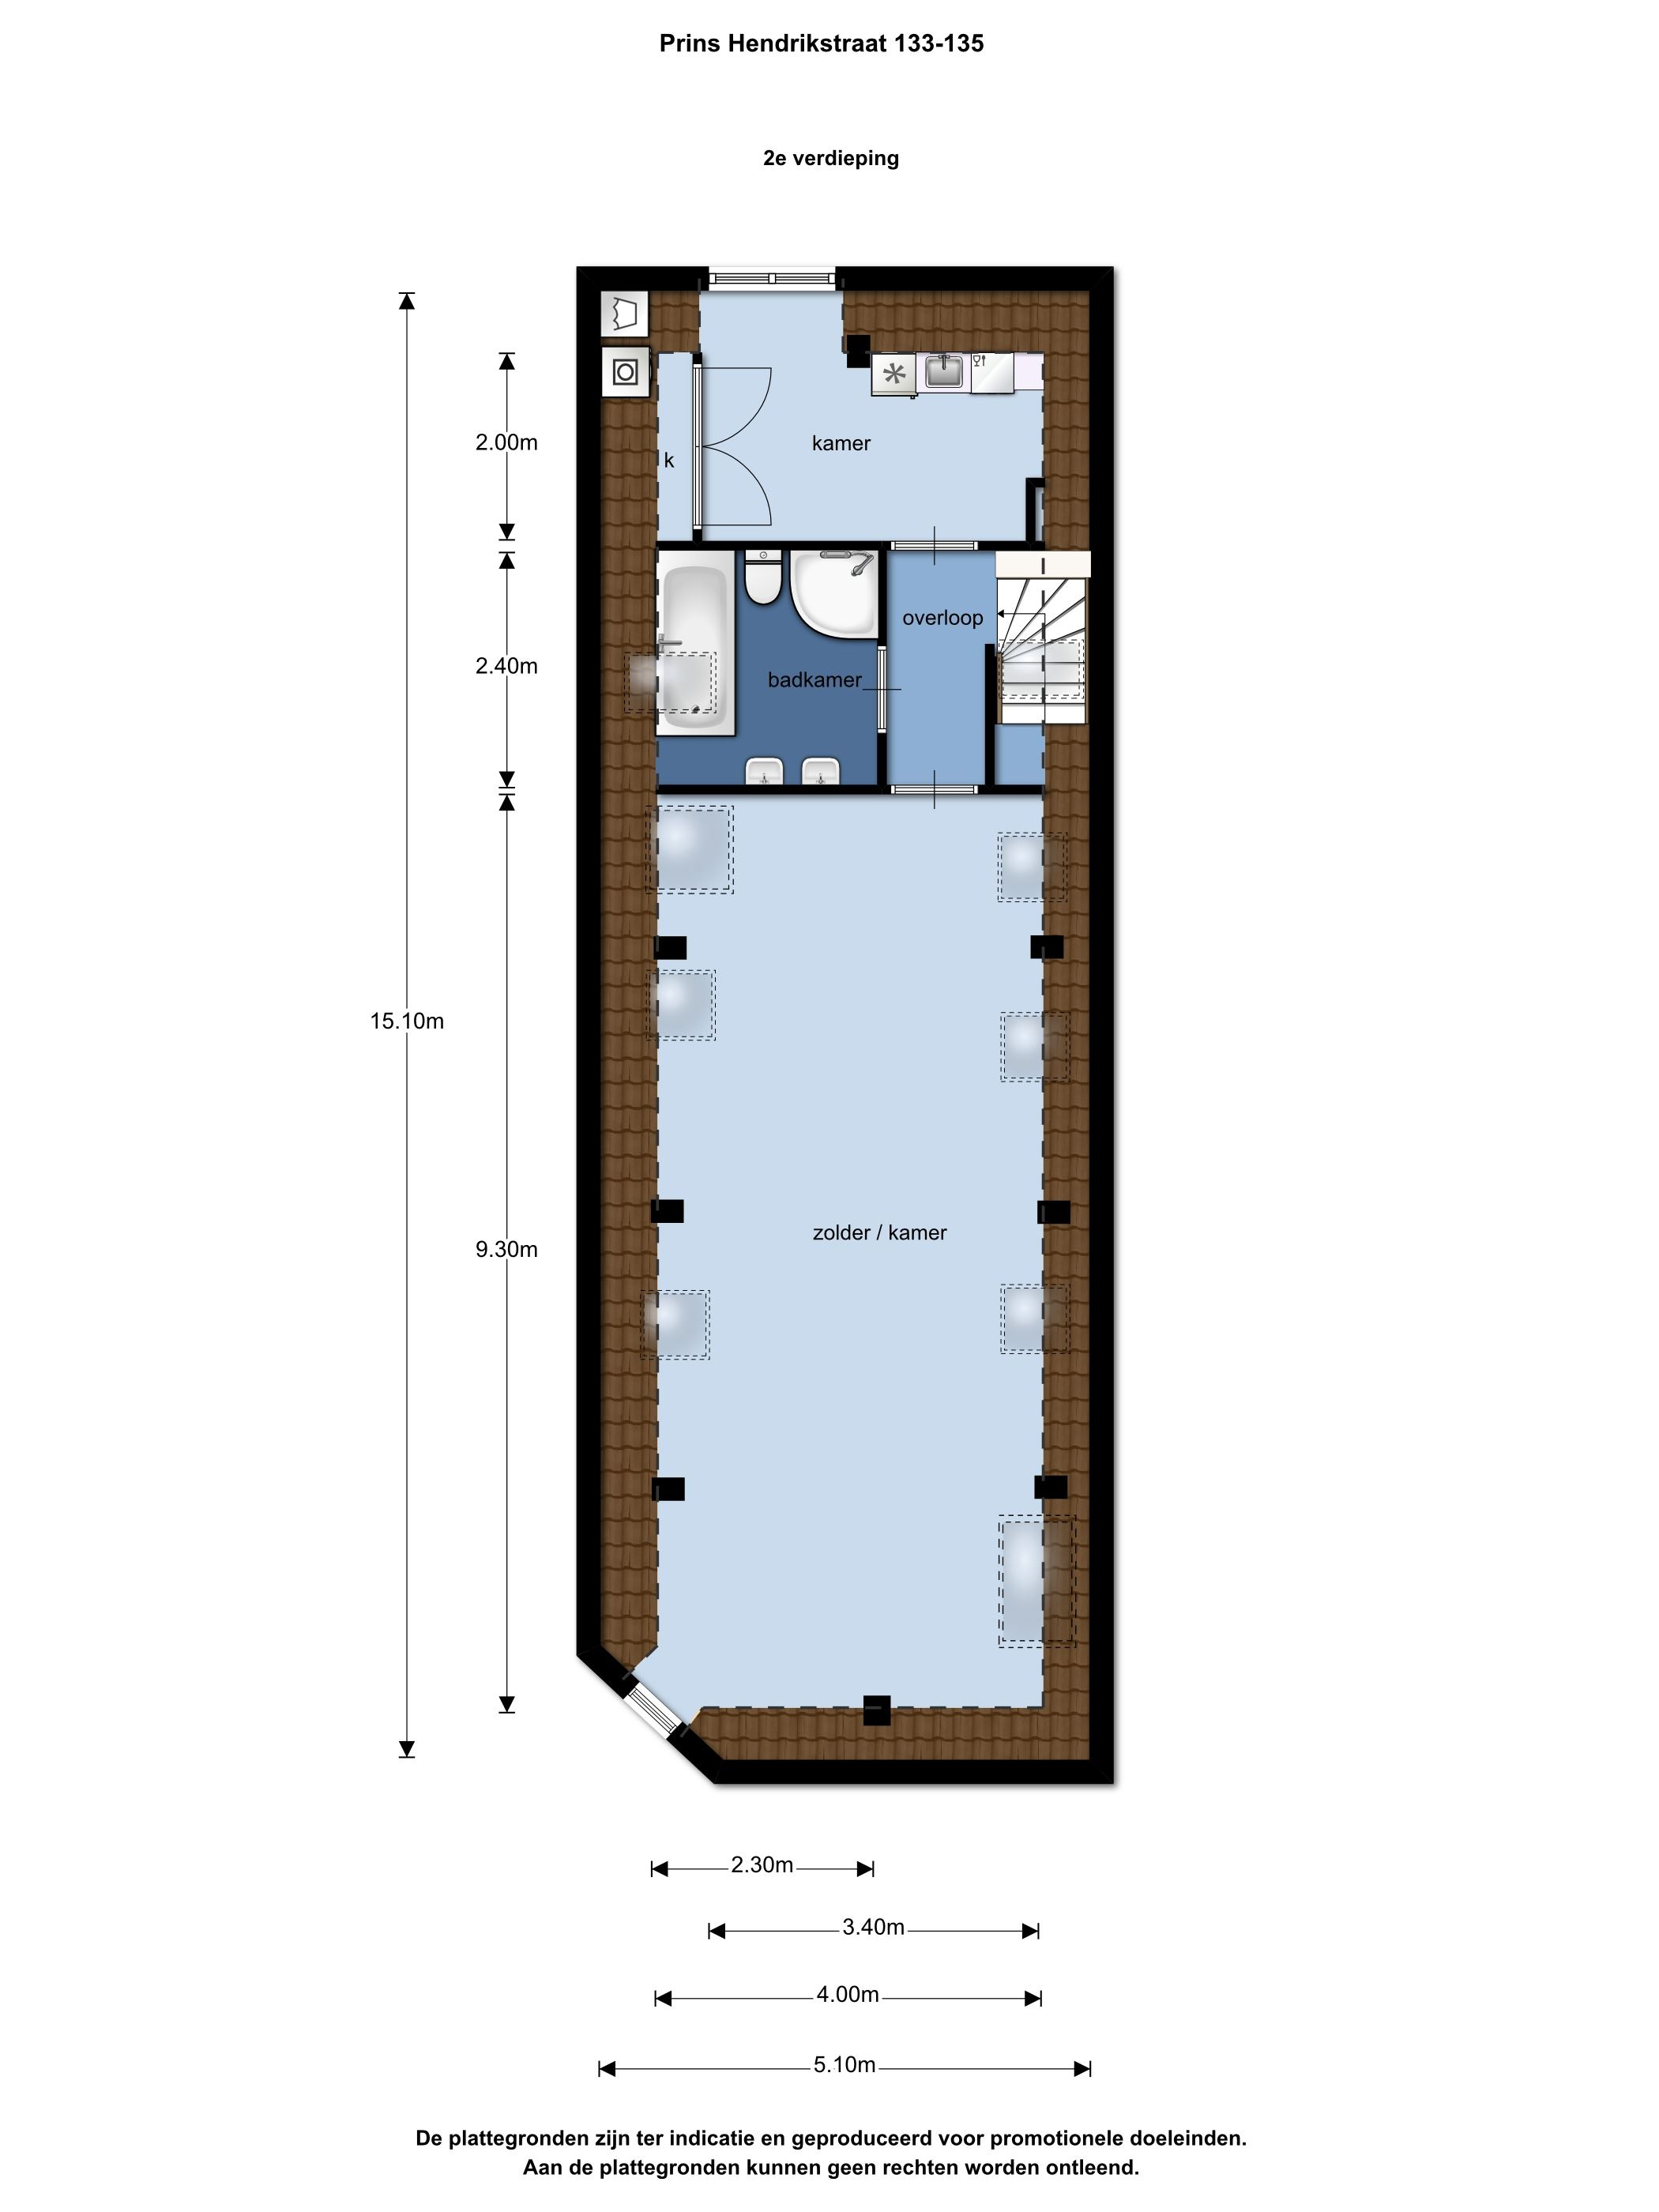 Huis te koop: Prins Hendrikstraat 133 -135 2405 AJ Alphen aan den ...